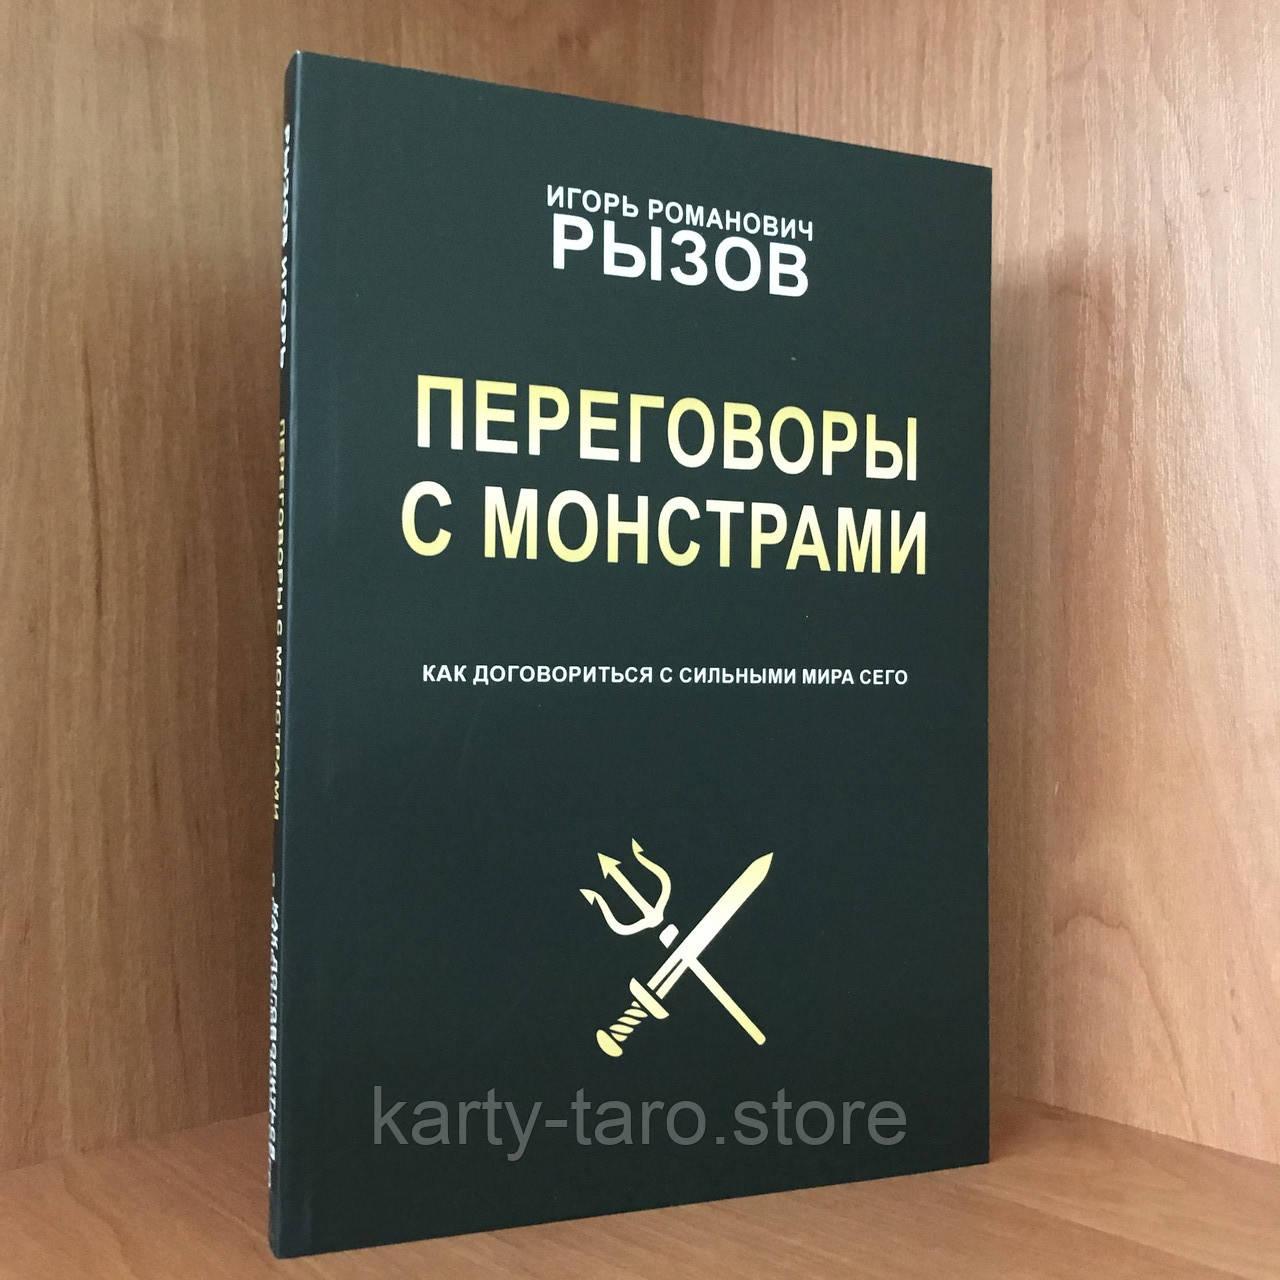 Книга Переговори з монстрами. Як домовитися з сильними світу цього - Ігор Рызов